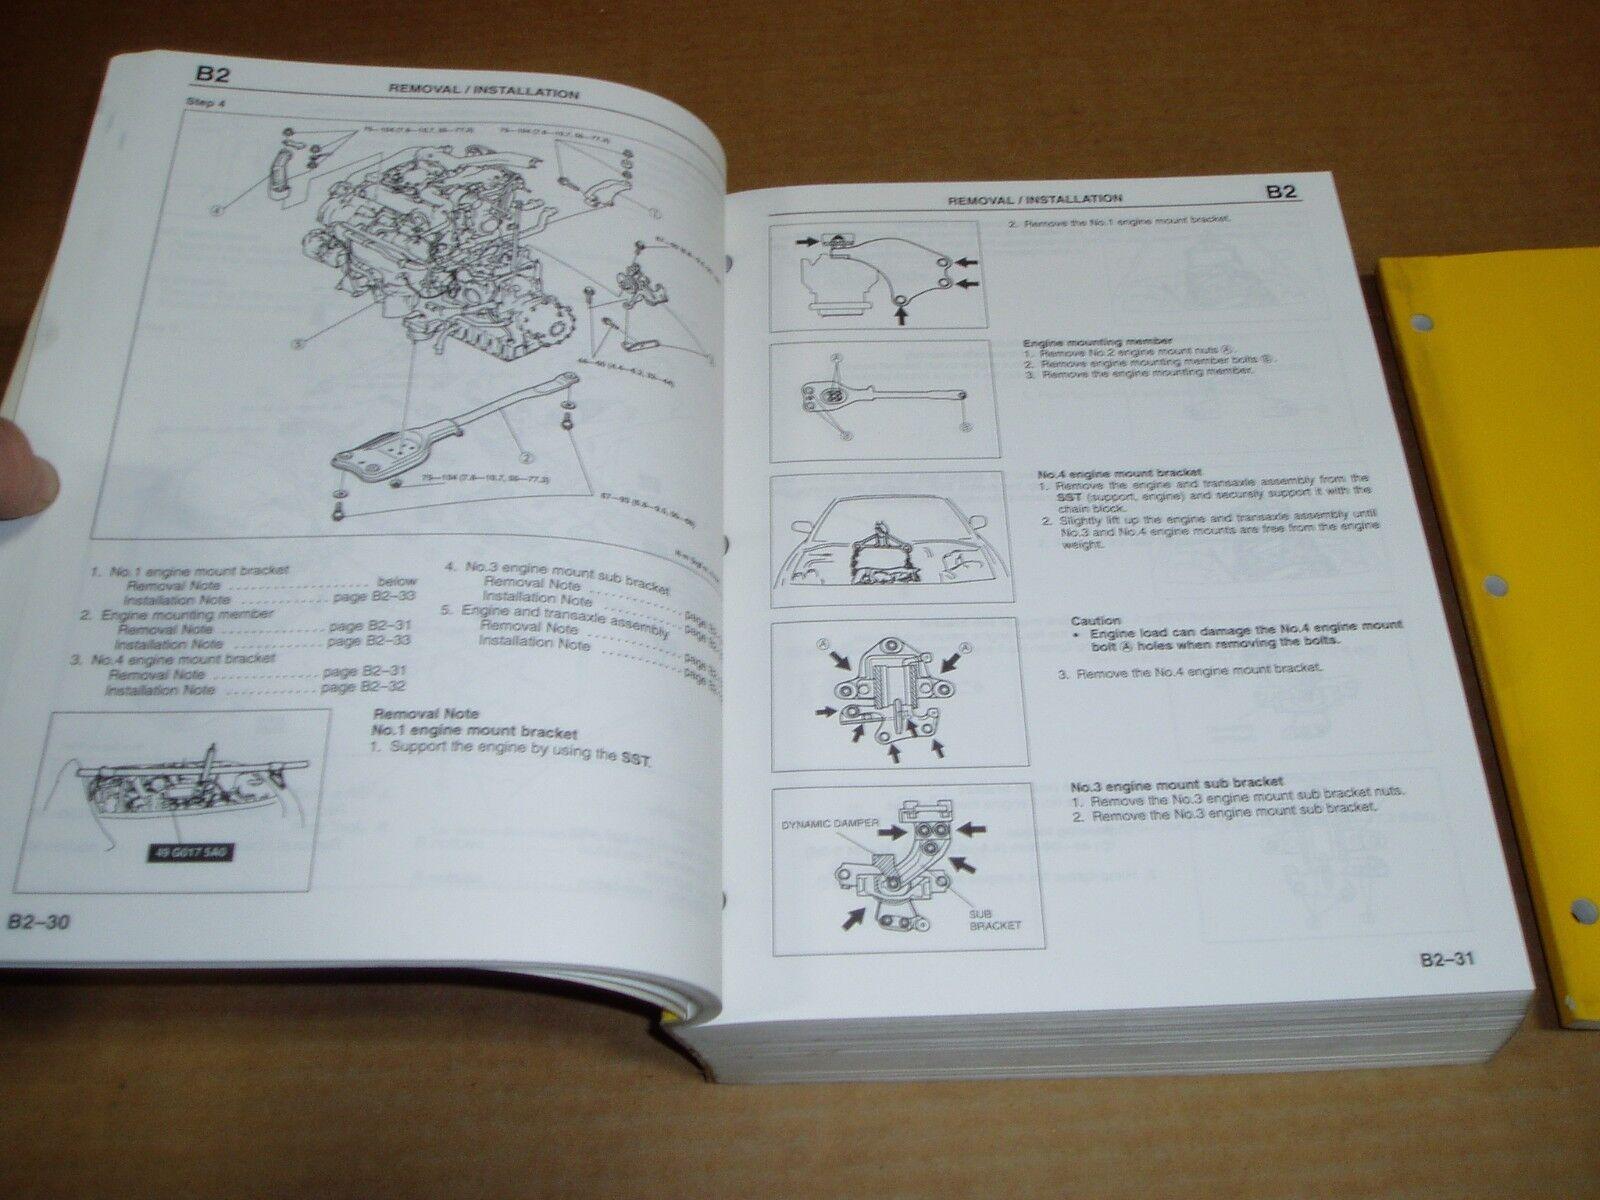 1996 Mazda Millenia Wiring Service Shop Dealer Repair Factory Manual 2000 Diagram 2 Of 5